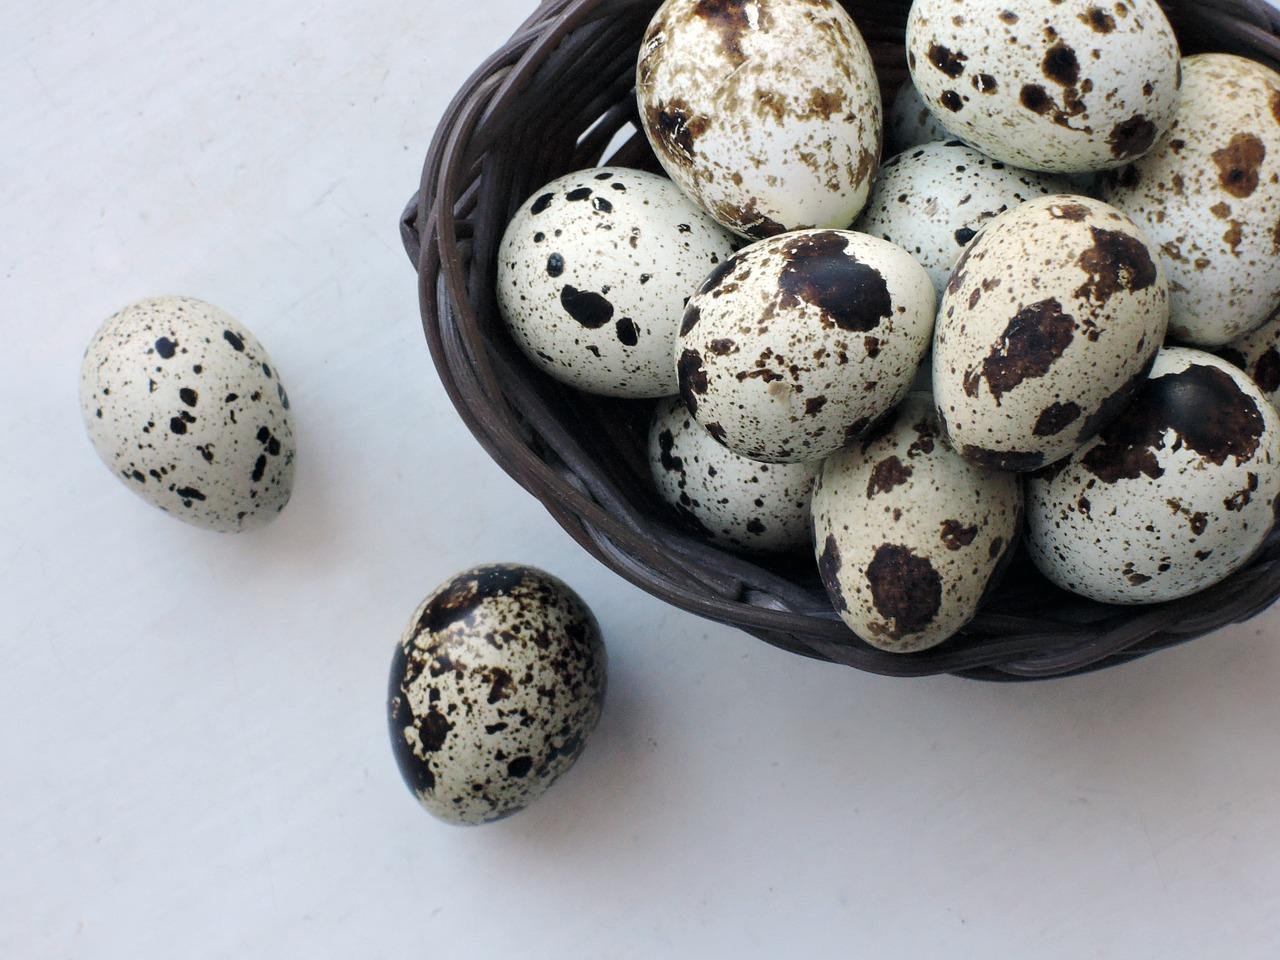 Cómo Cocer Huevos De Codorniz Recetas Y Tiempo De Cocción